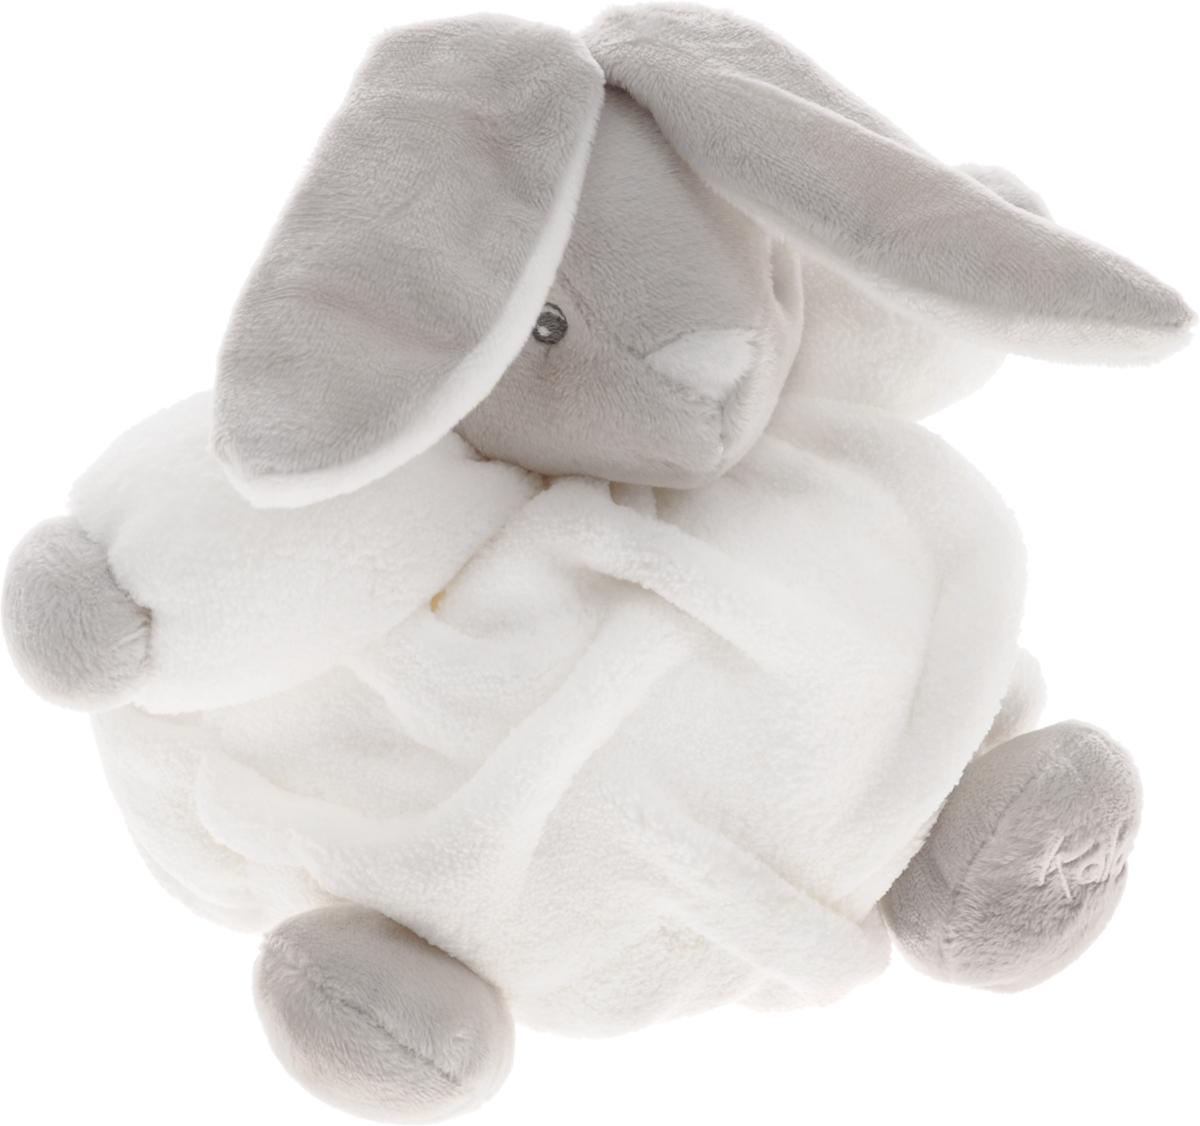 Kaloo Мягкая музыкальная игрушка Заяц цвет белый серый 17 см мягкие игрушки kaloo овечка 45 см коллекция друзья